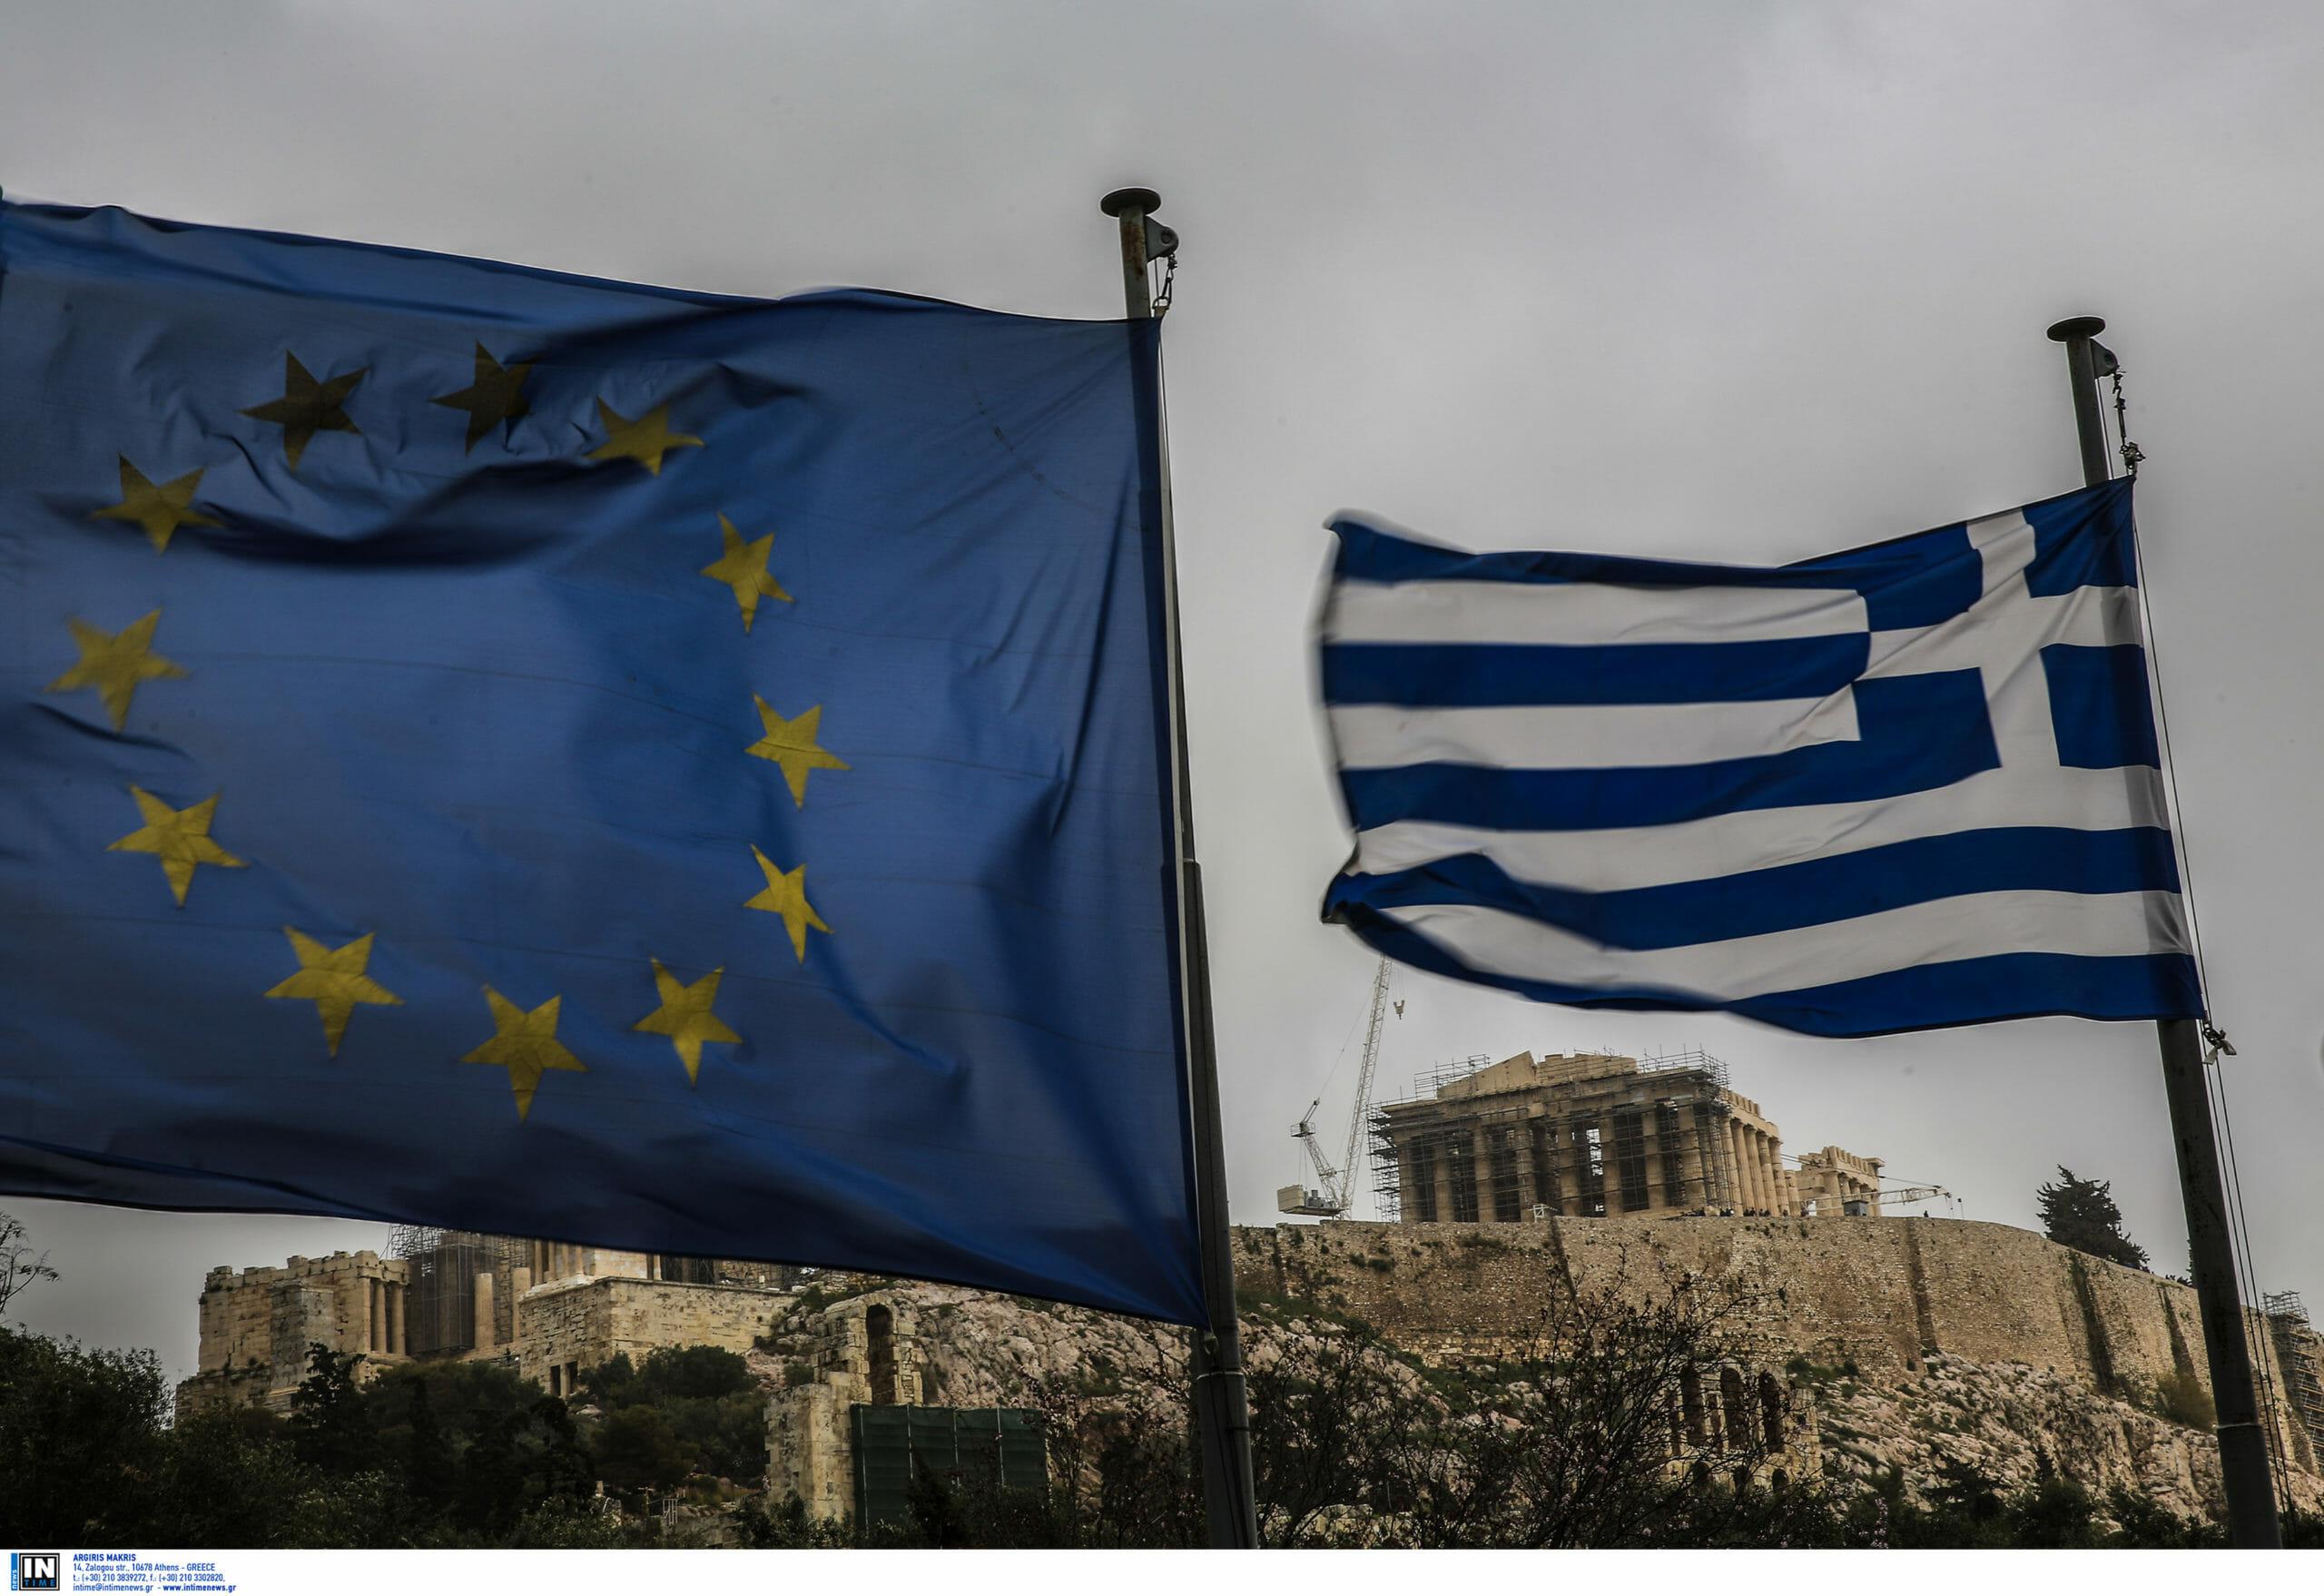 Με επιτυχία έκλεισε η 8η αξιολόγηση – Εκταμιεύονται 748 εκατ. ευρώ